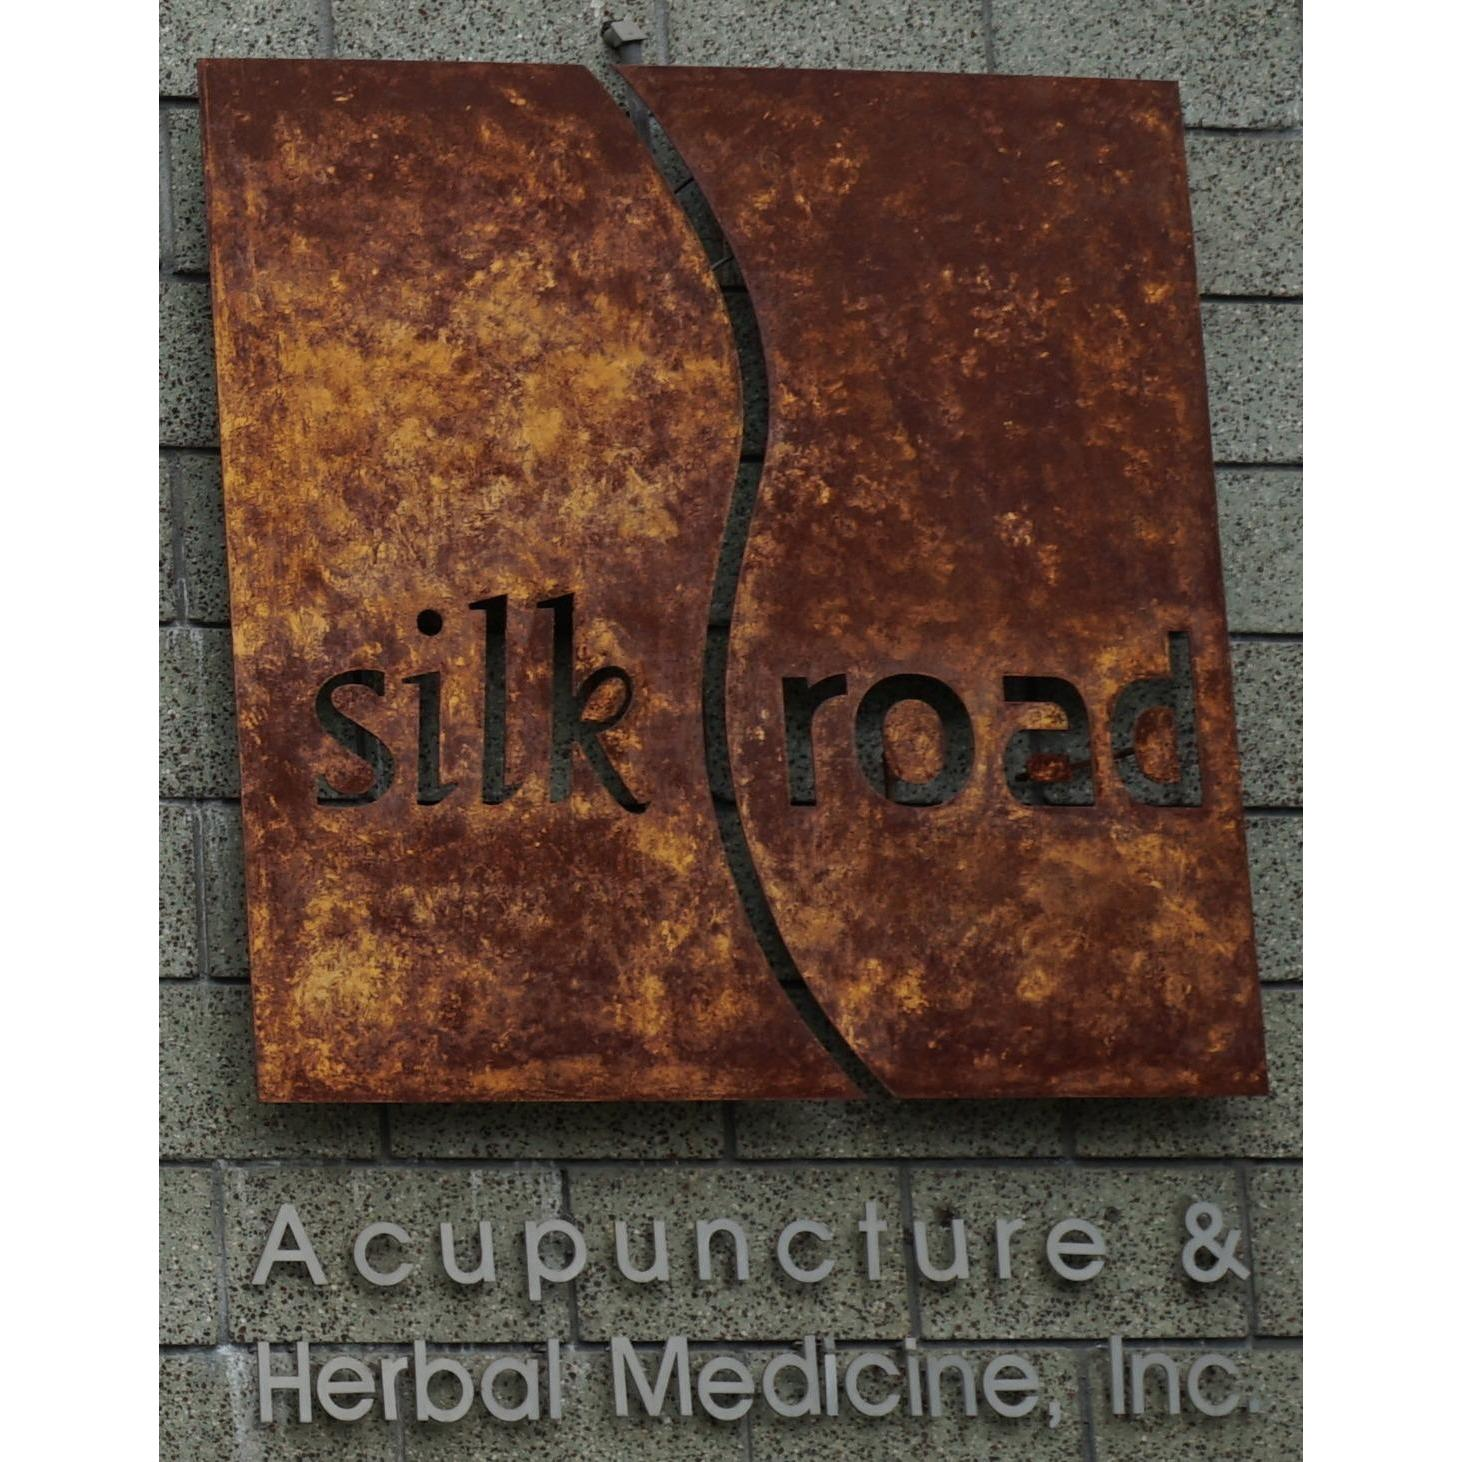 Silk Road Acupuncture & Herbal Medicine Inc. - Los Angeles, CA